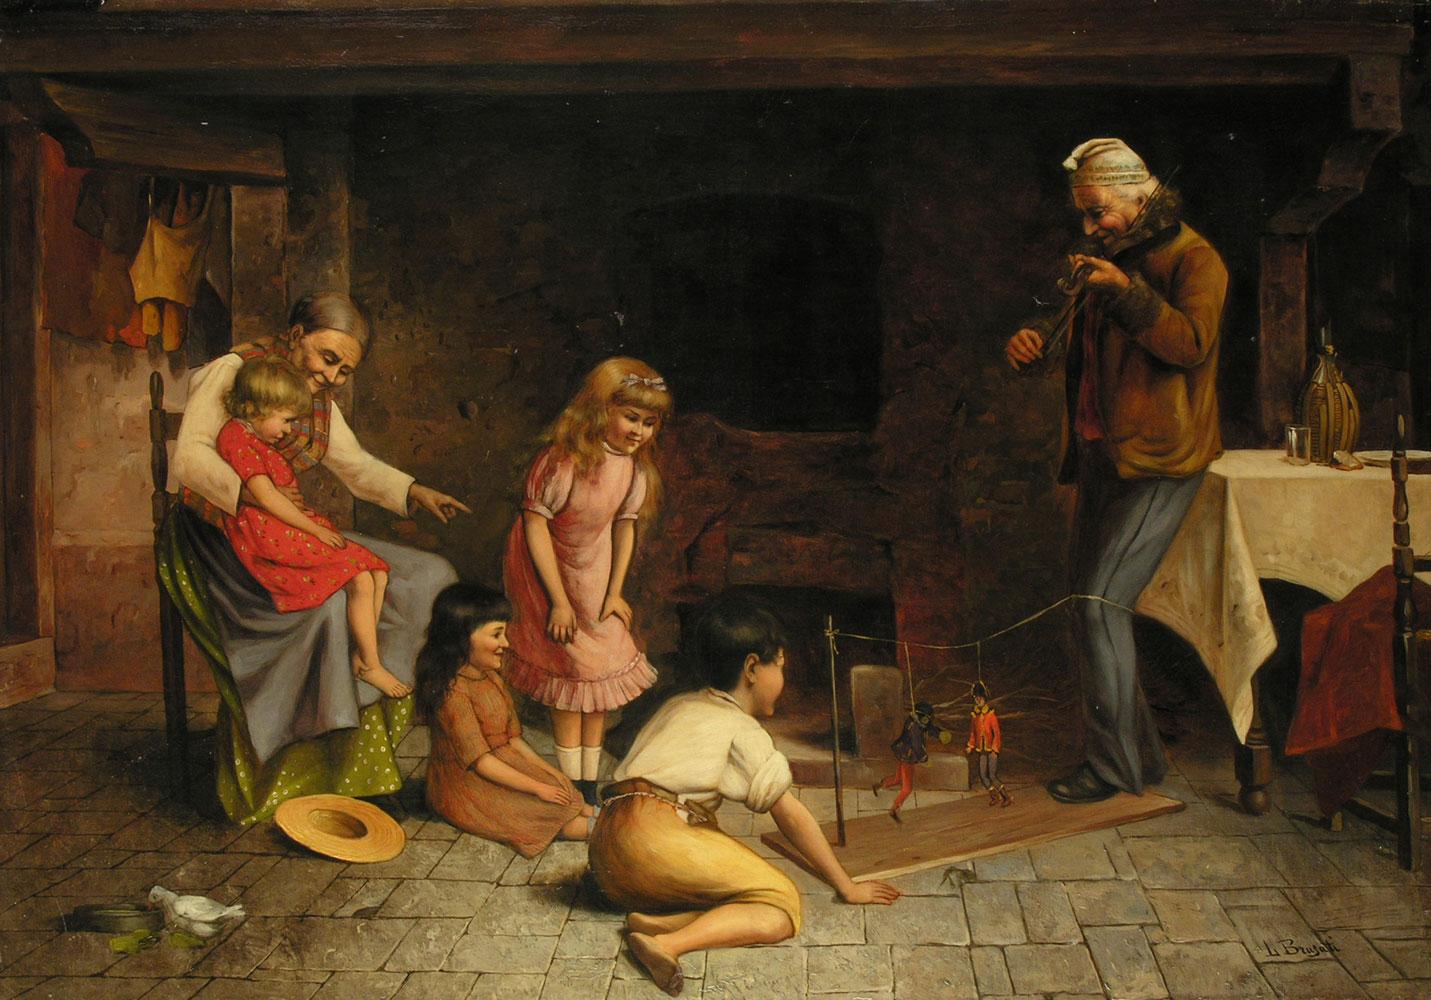 L. Brugati Italienischer Maler des 19. Jahrhunderts